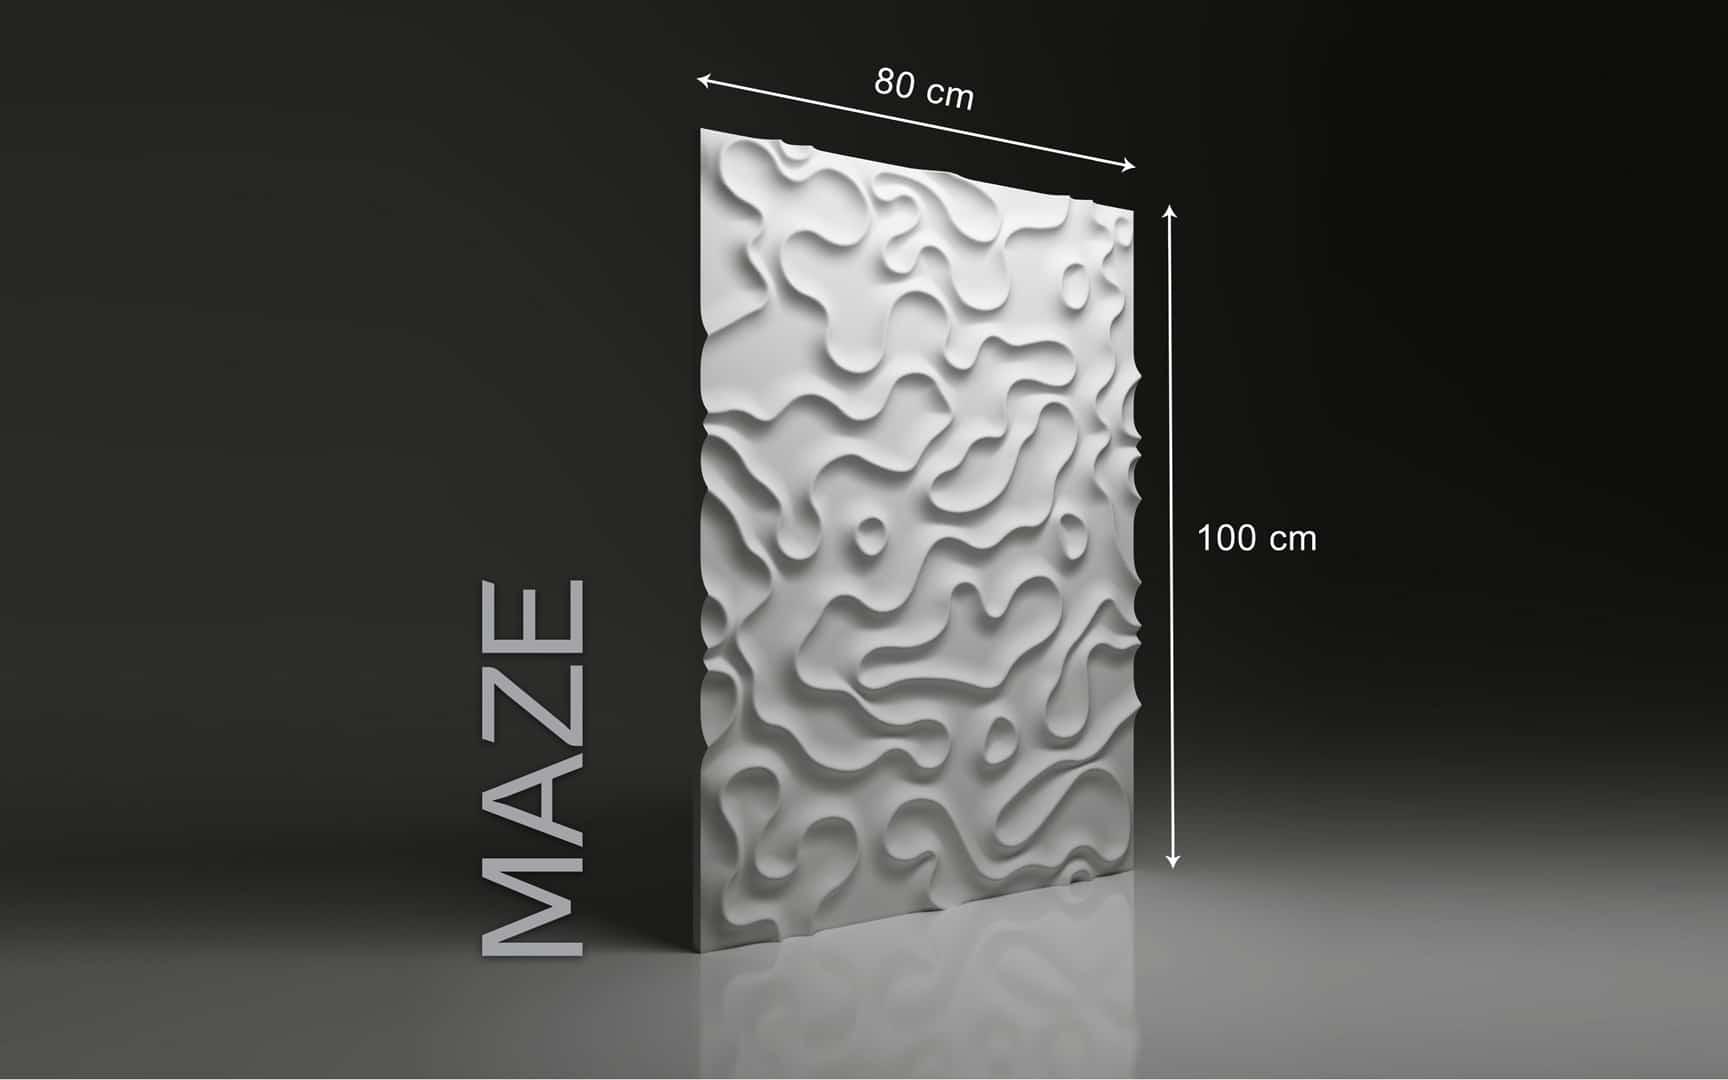 MAZE DIMENSIONS : hauteur 100 x largeur 80 cm ÉPAISSEUR : de 1,5 cm à 3,0 cm  POIDS : environ 12 kg